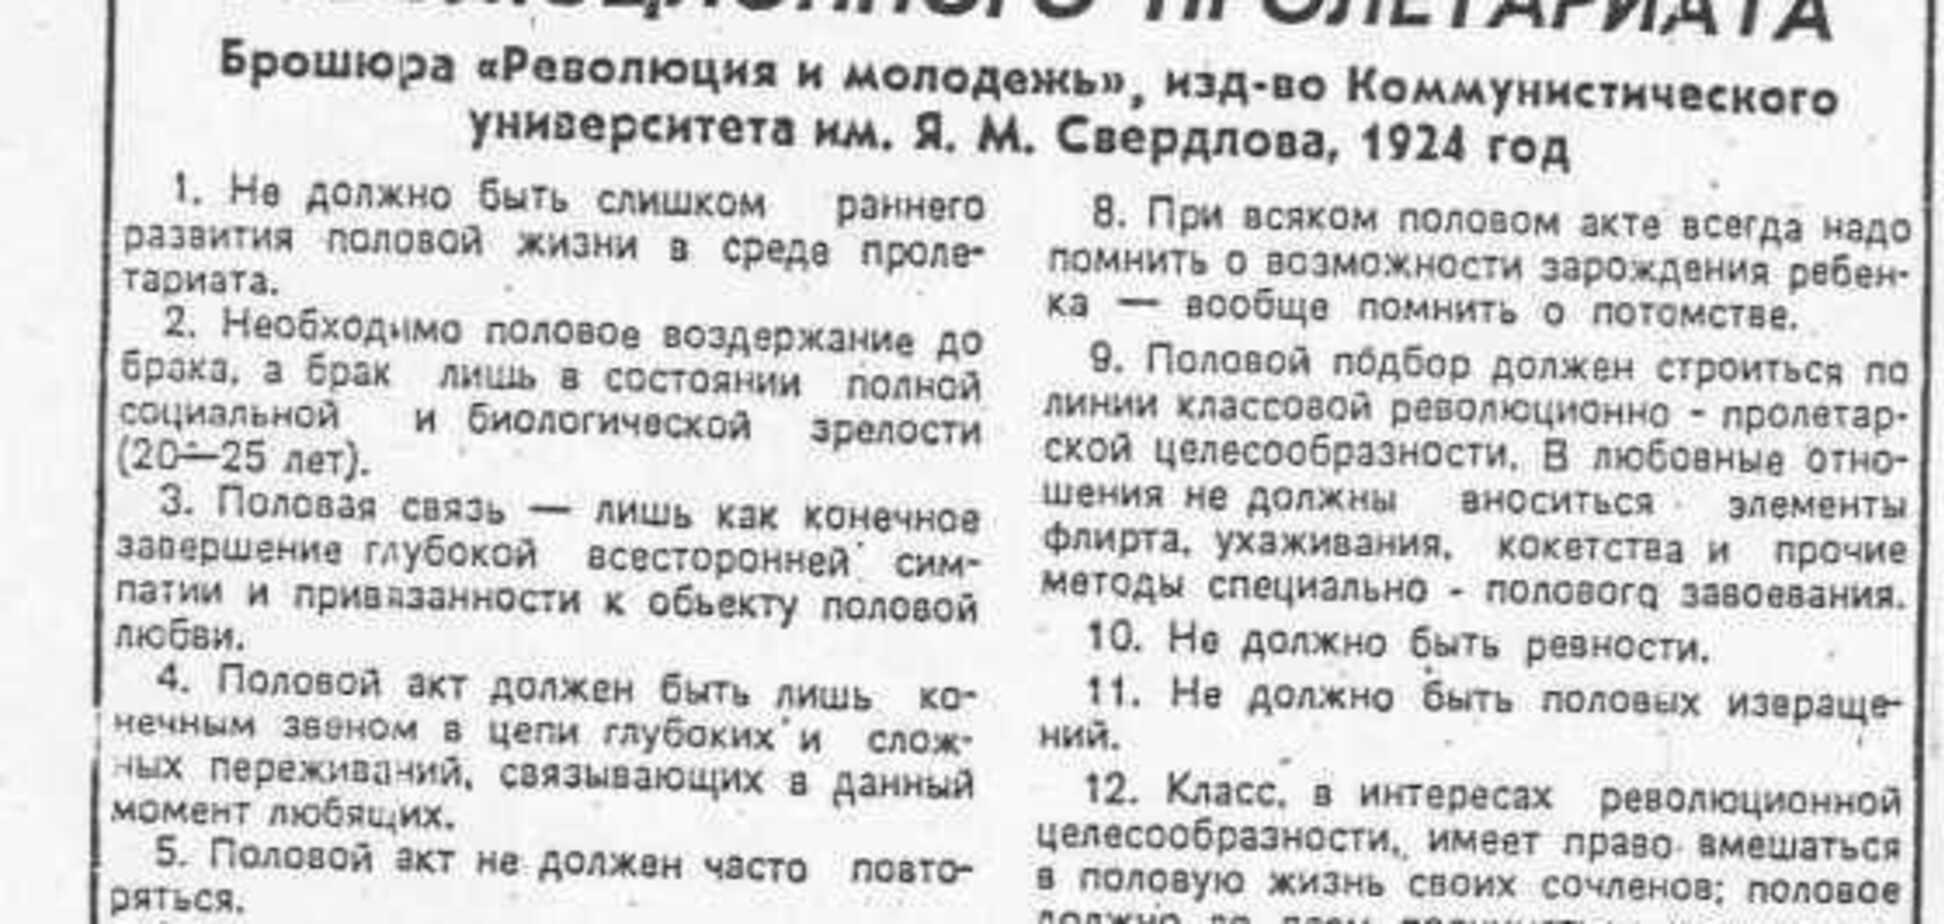 Дванадцять статевих заповідей революційного пролетаріату